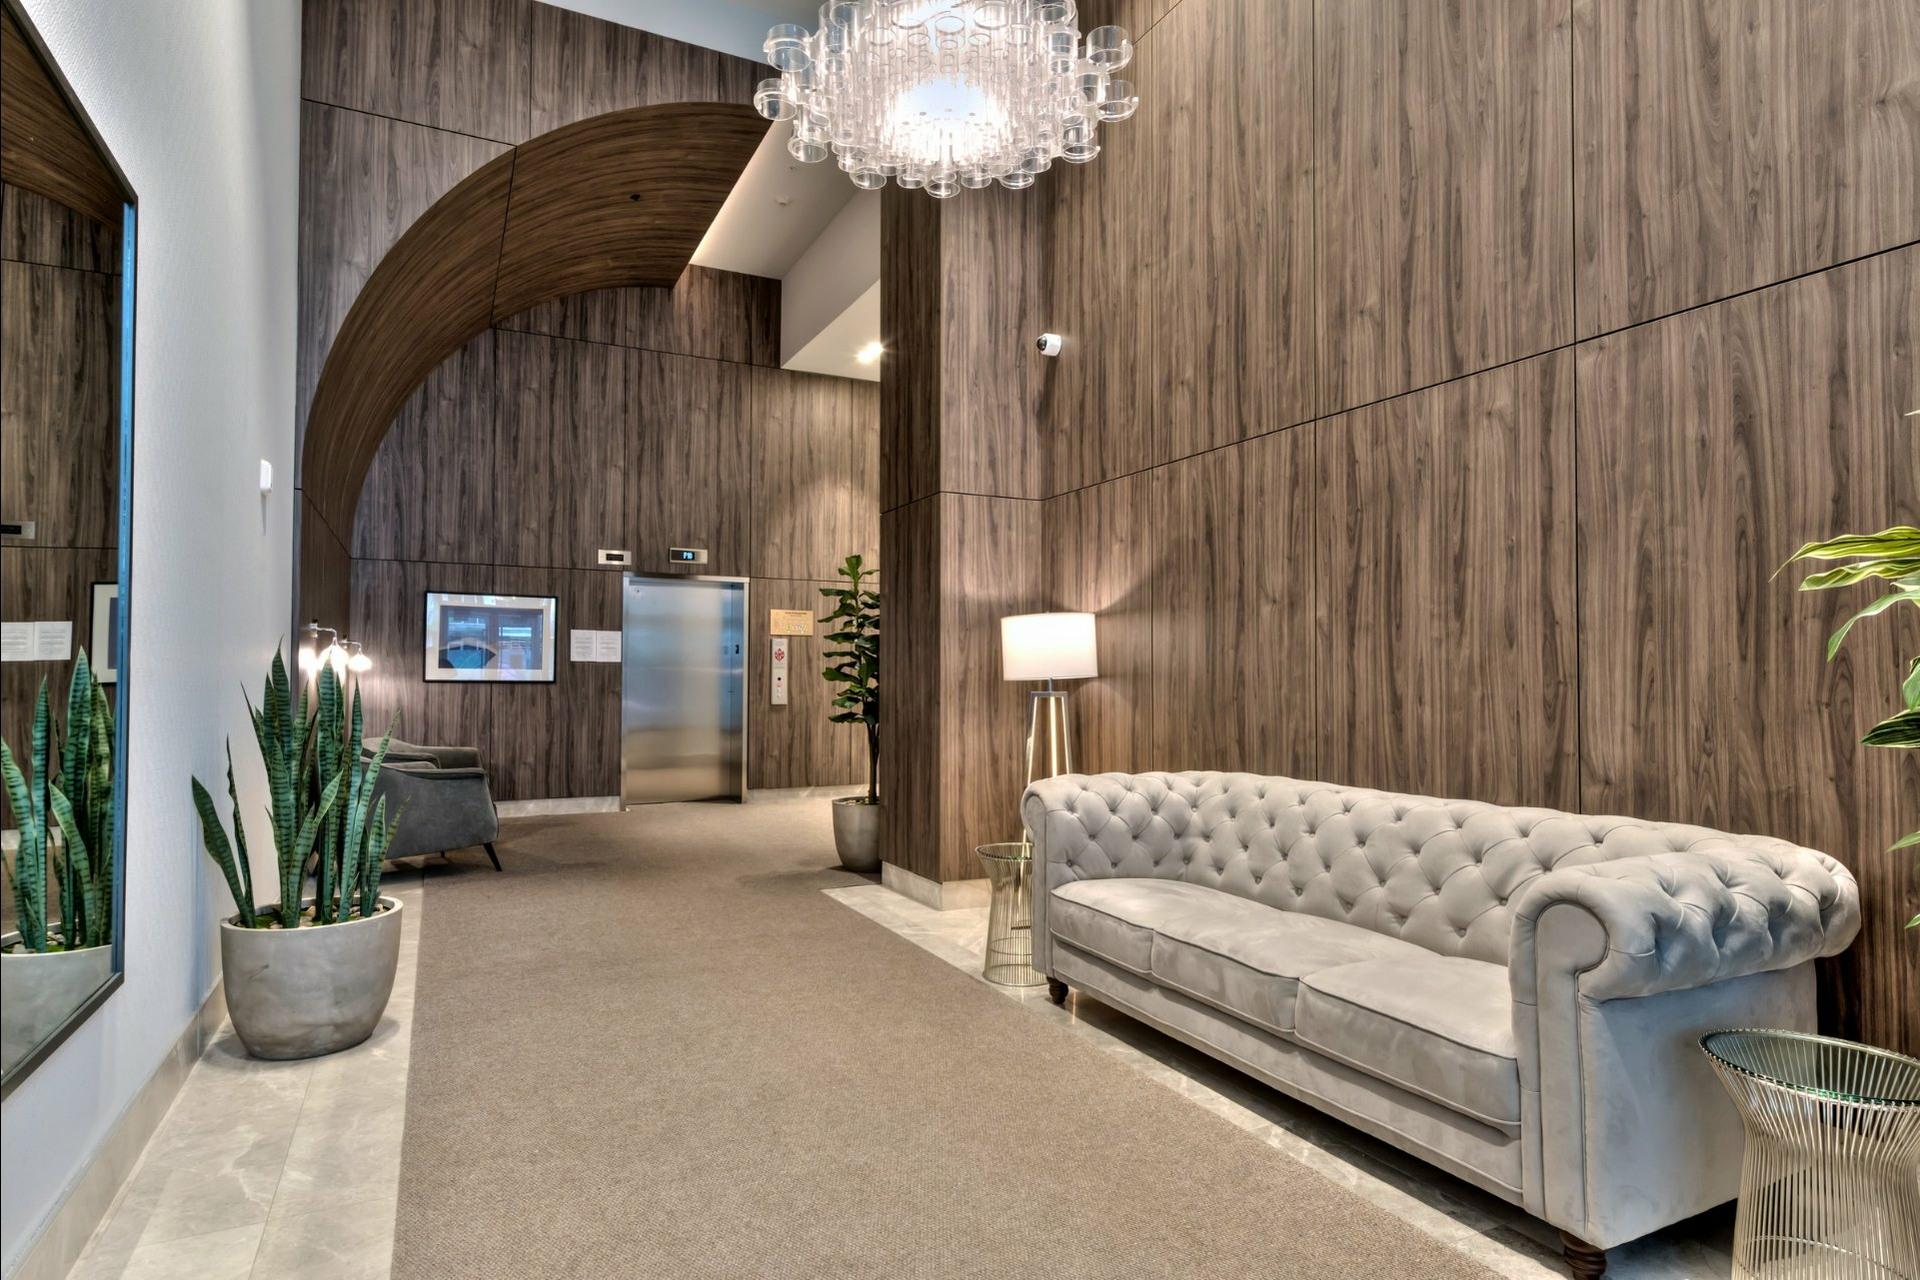 image 27 - 公寓 出售 Côte-des-Neiges/Notre-Dame-de-Grâce Montréal  - 4 室